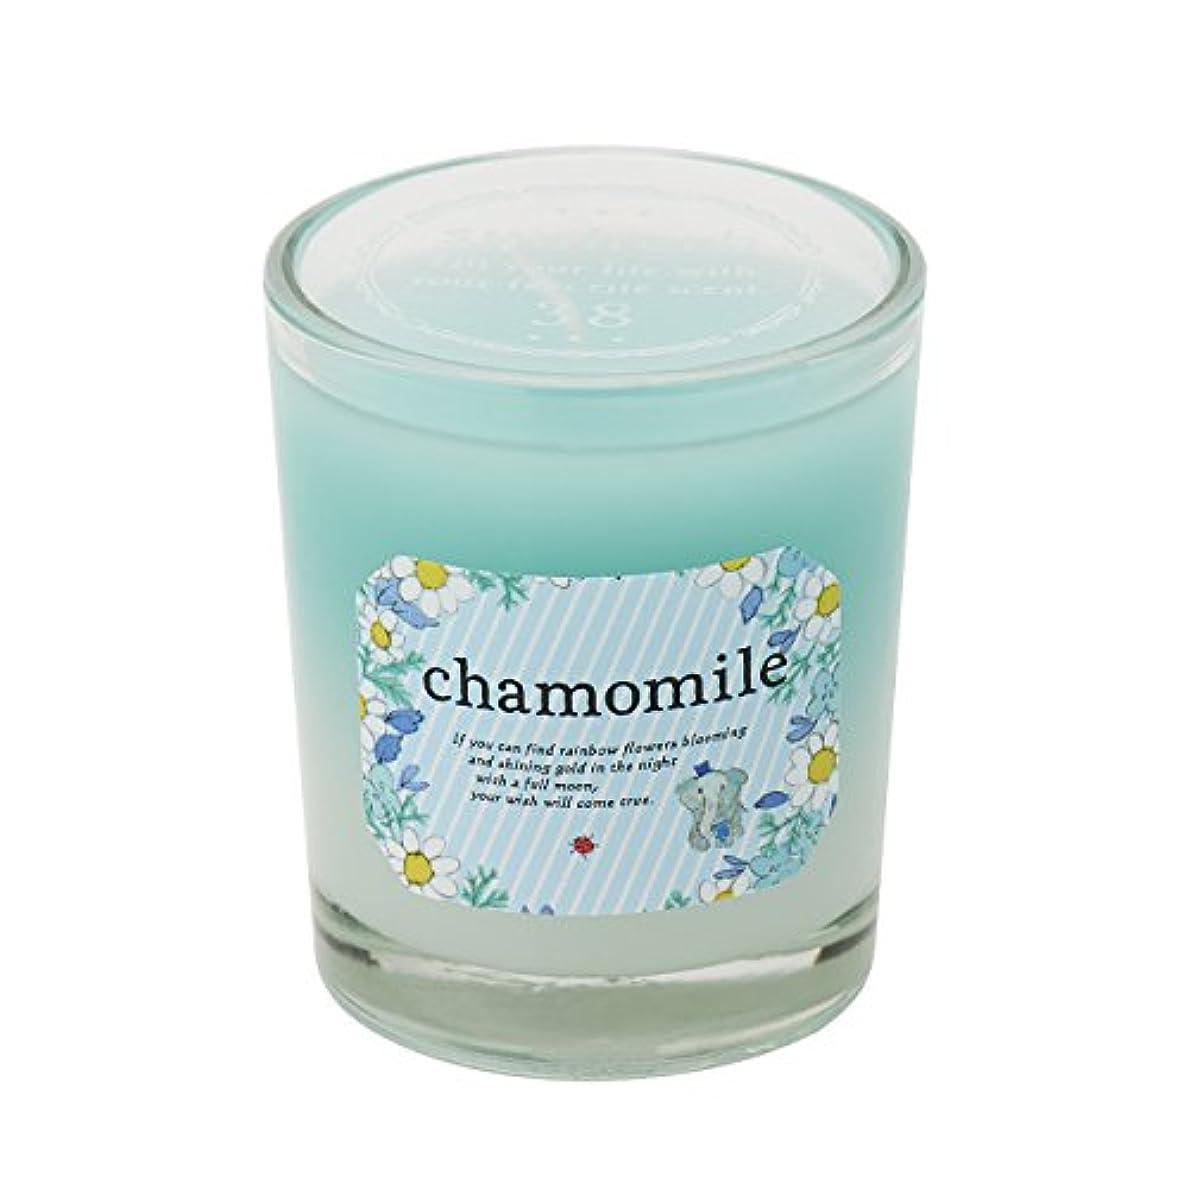 群れクリーム眉サンハーブ グラスキャンドル カモマイル 35g(グラデーションろうそく 燃焼時間約10時間 やさしく穏やかな甘い香り)